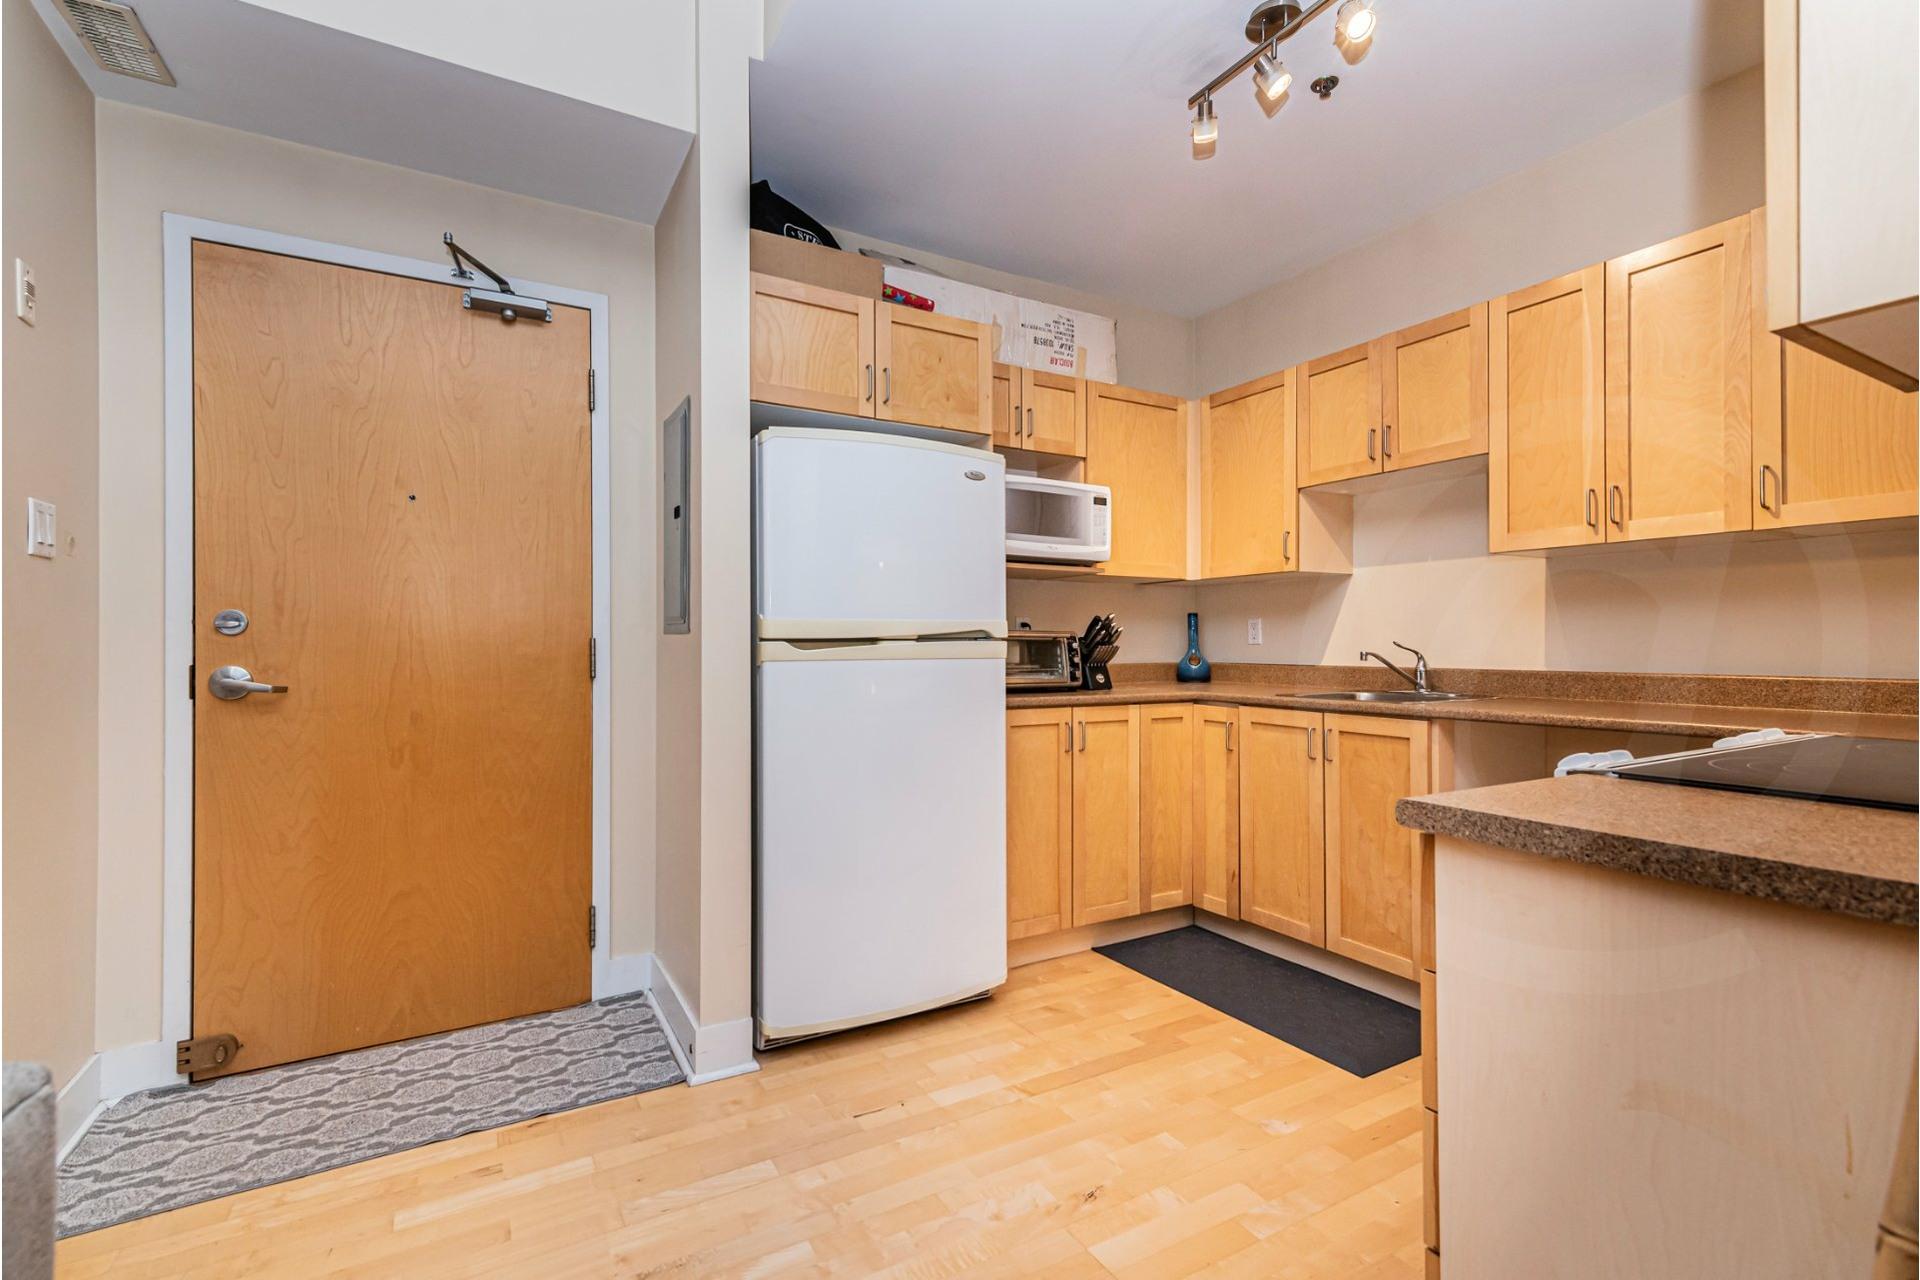 image 8 - Appartement À vendre Lachine Montréal  - 4 pièces